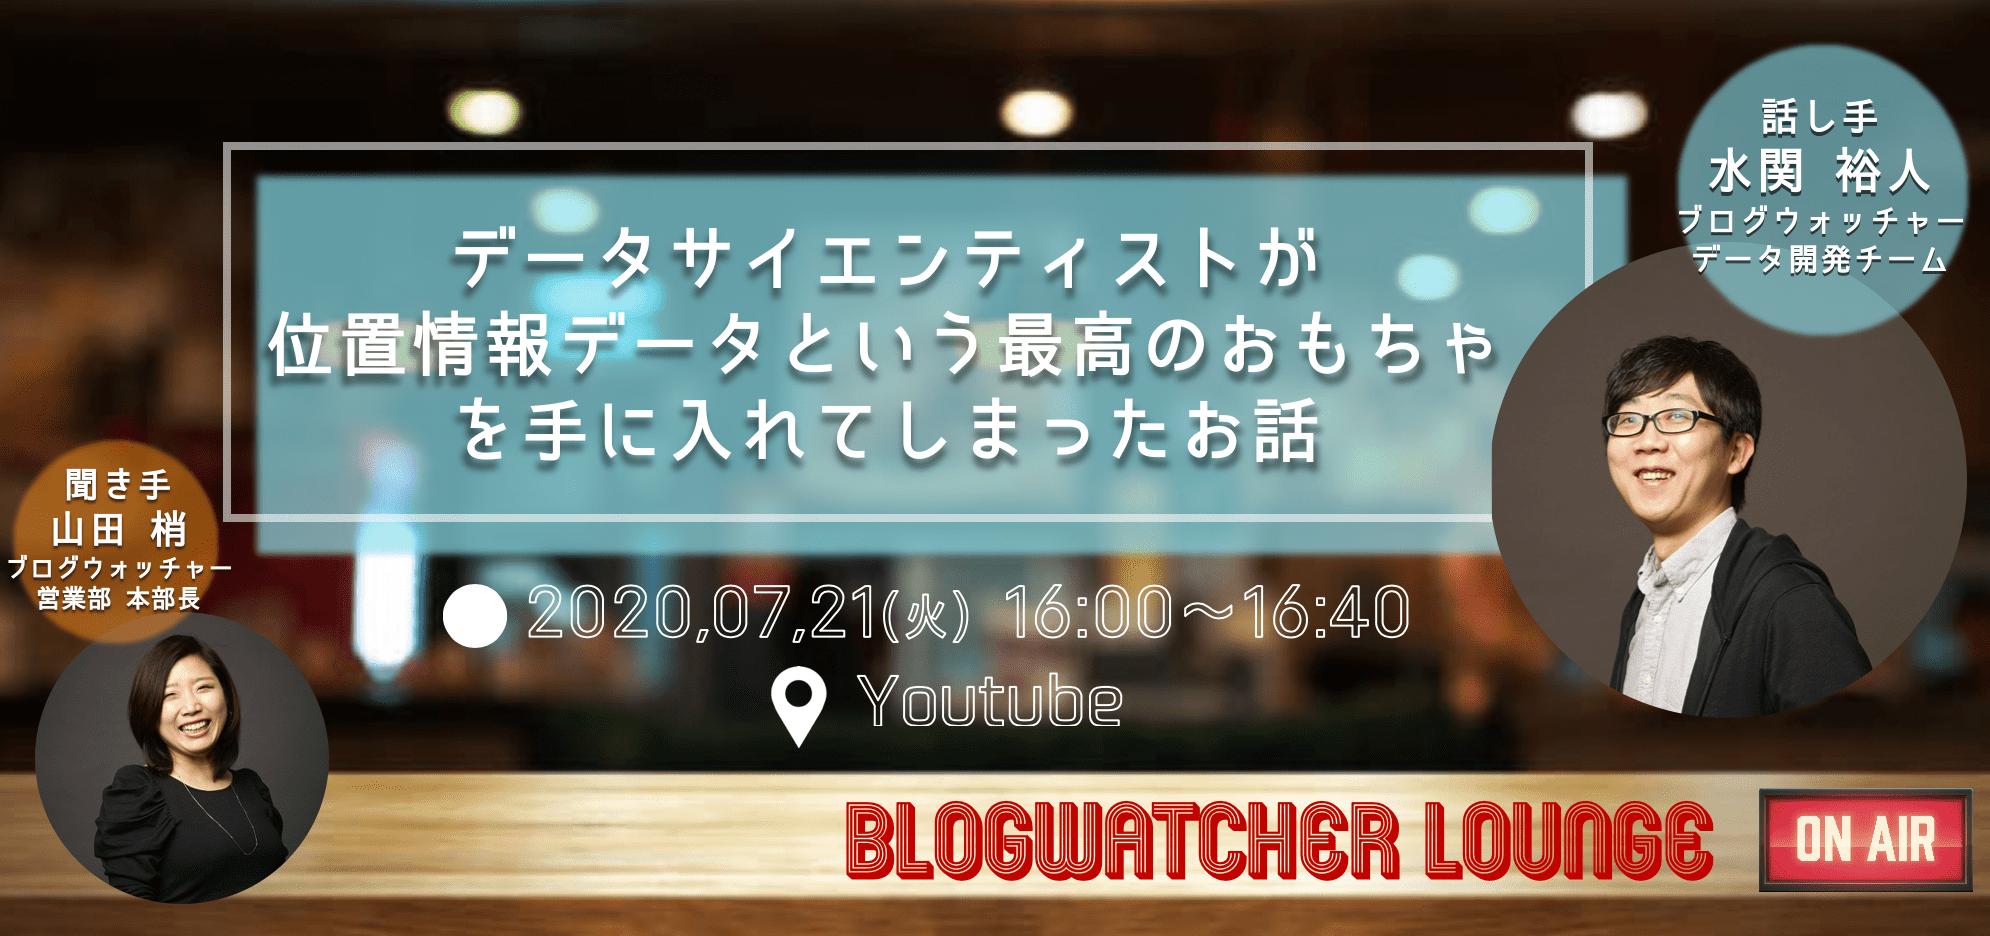 BWL_icon_水関さん